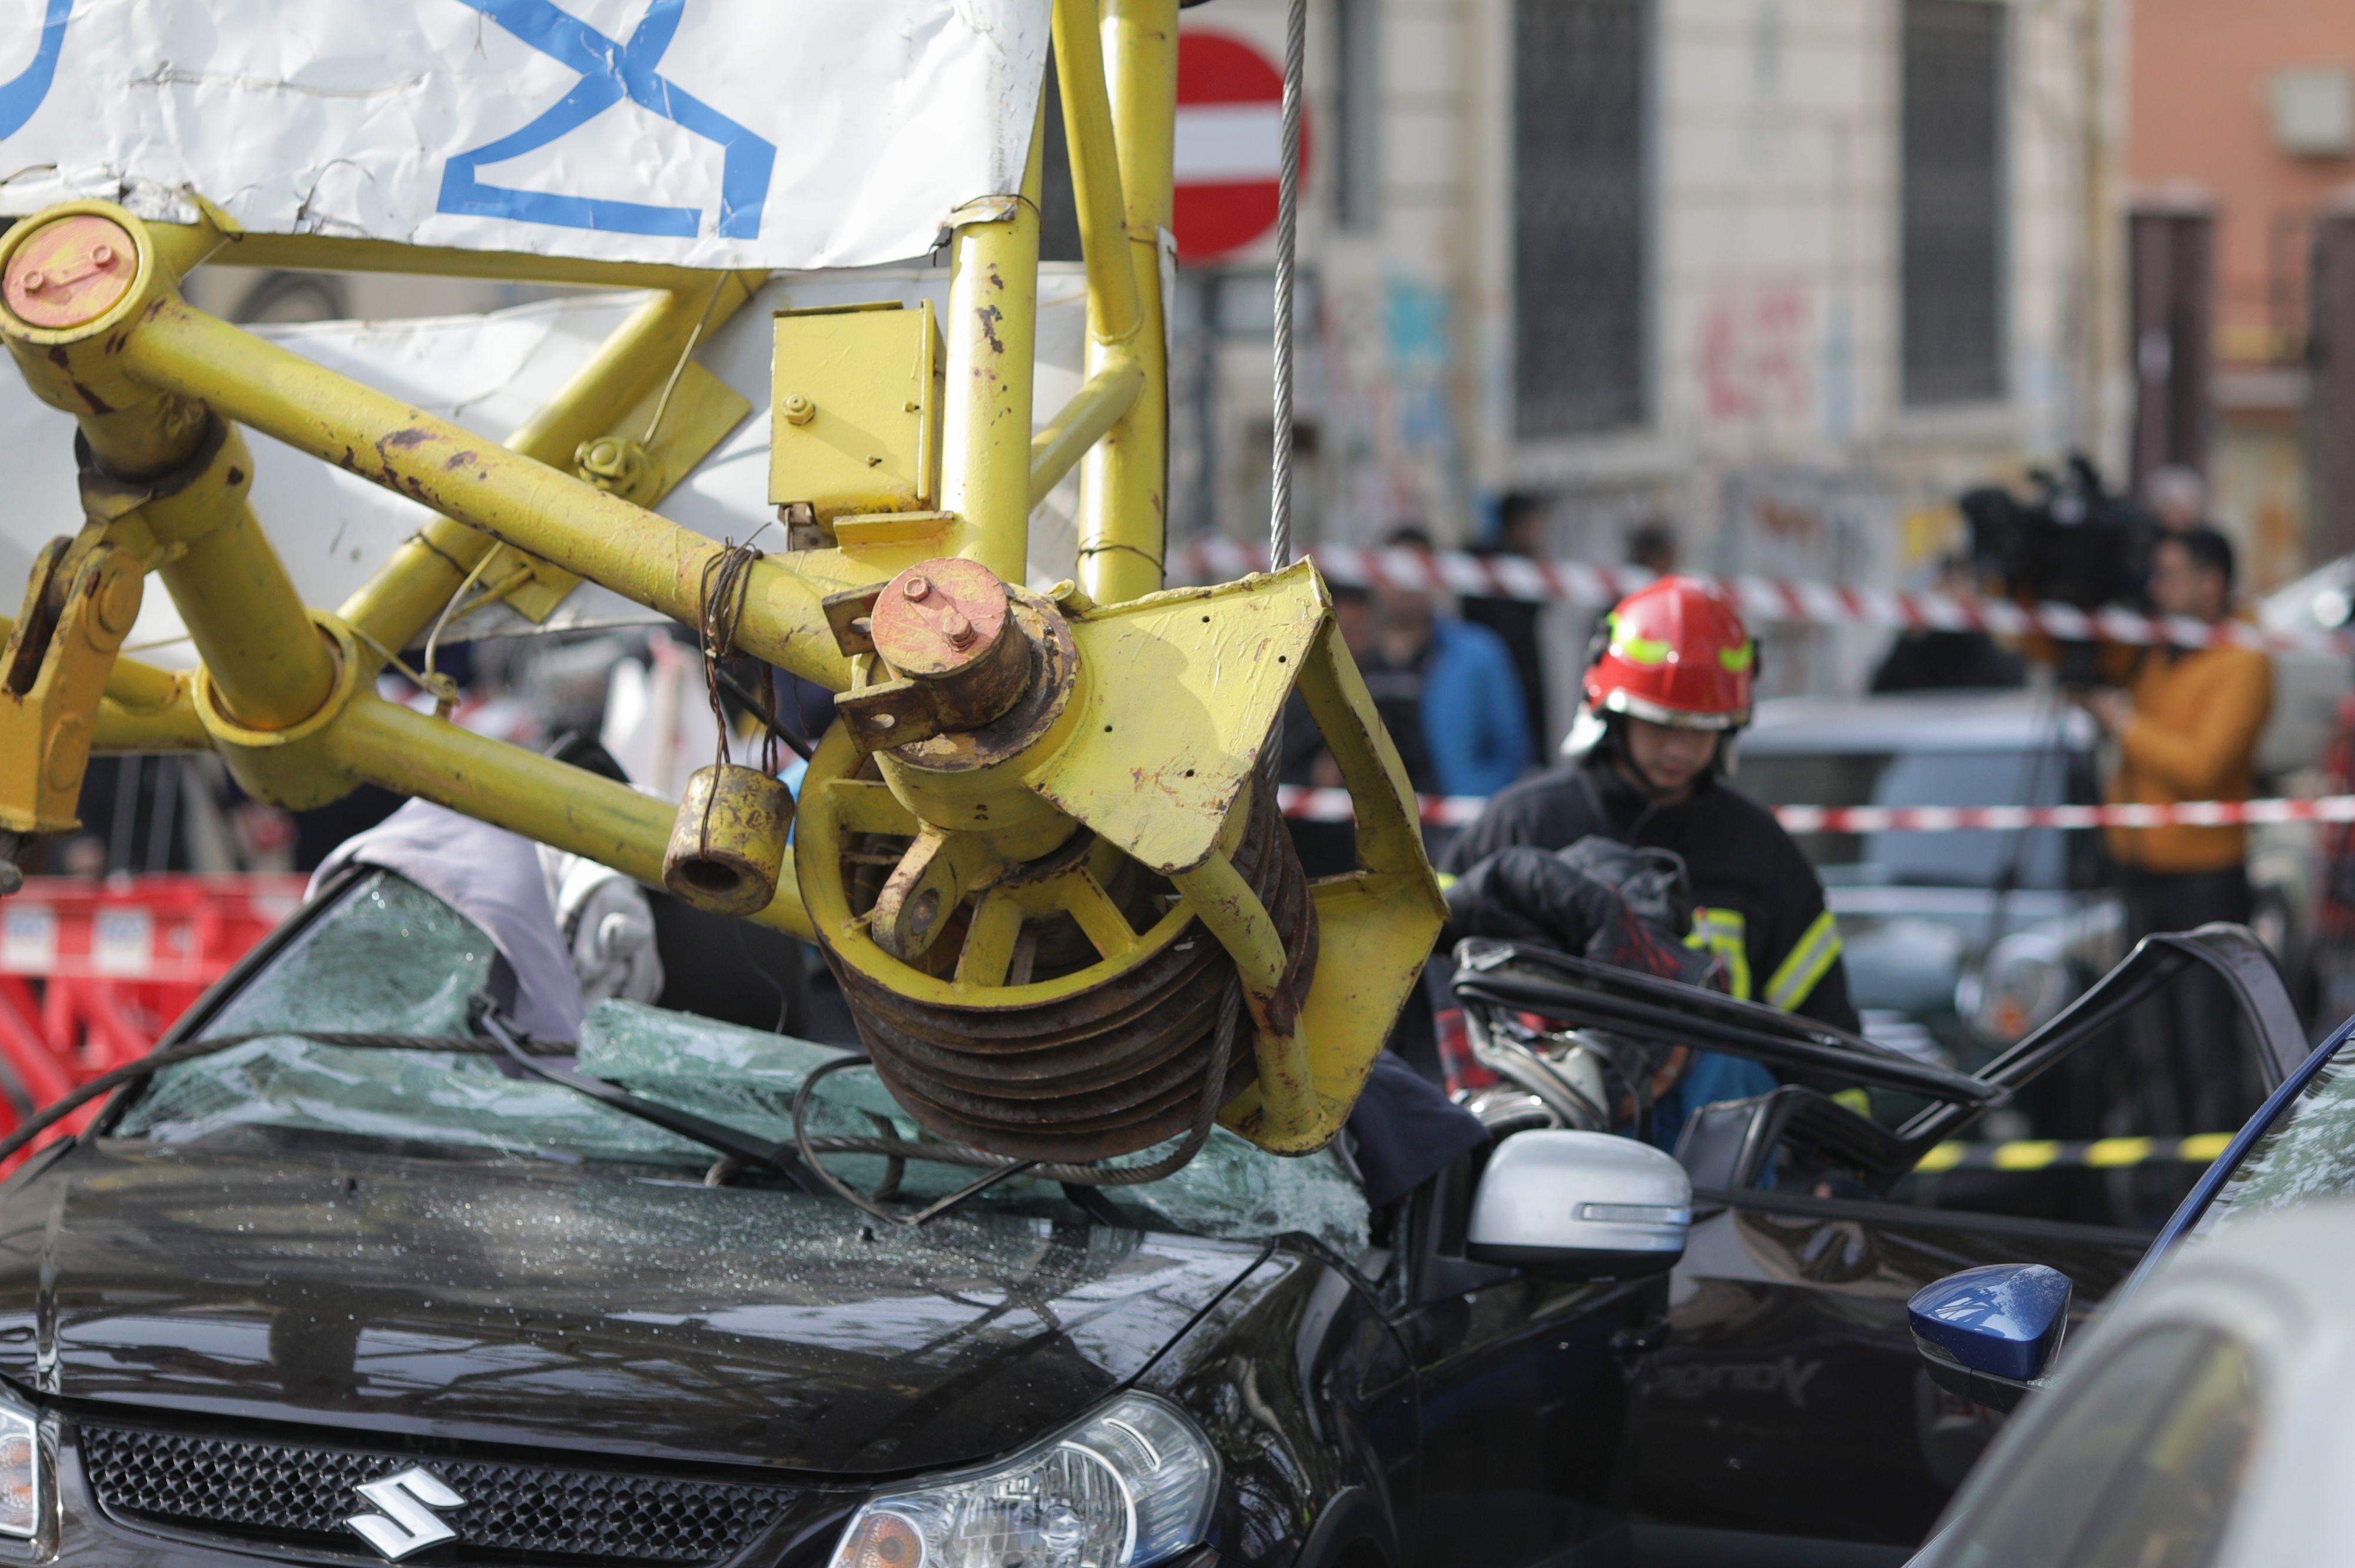 Victima din mașina peste care a căzut brațul macaralei (2)